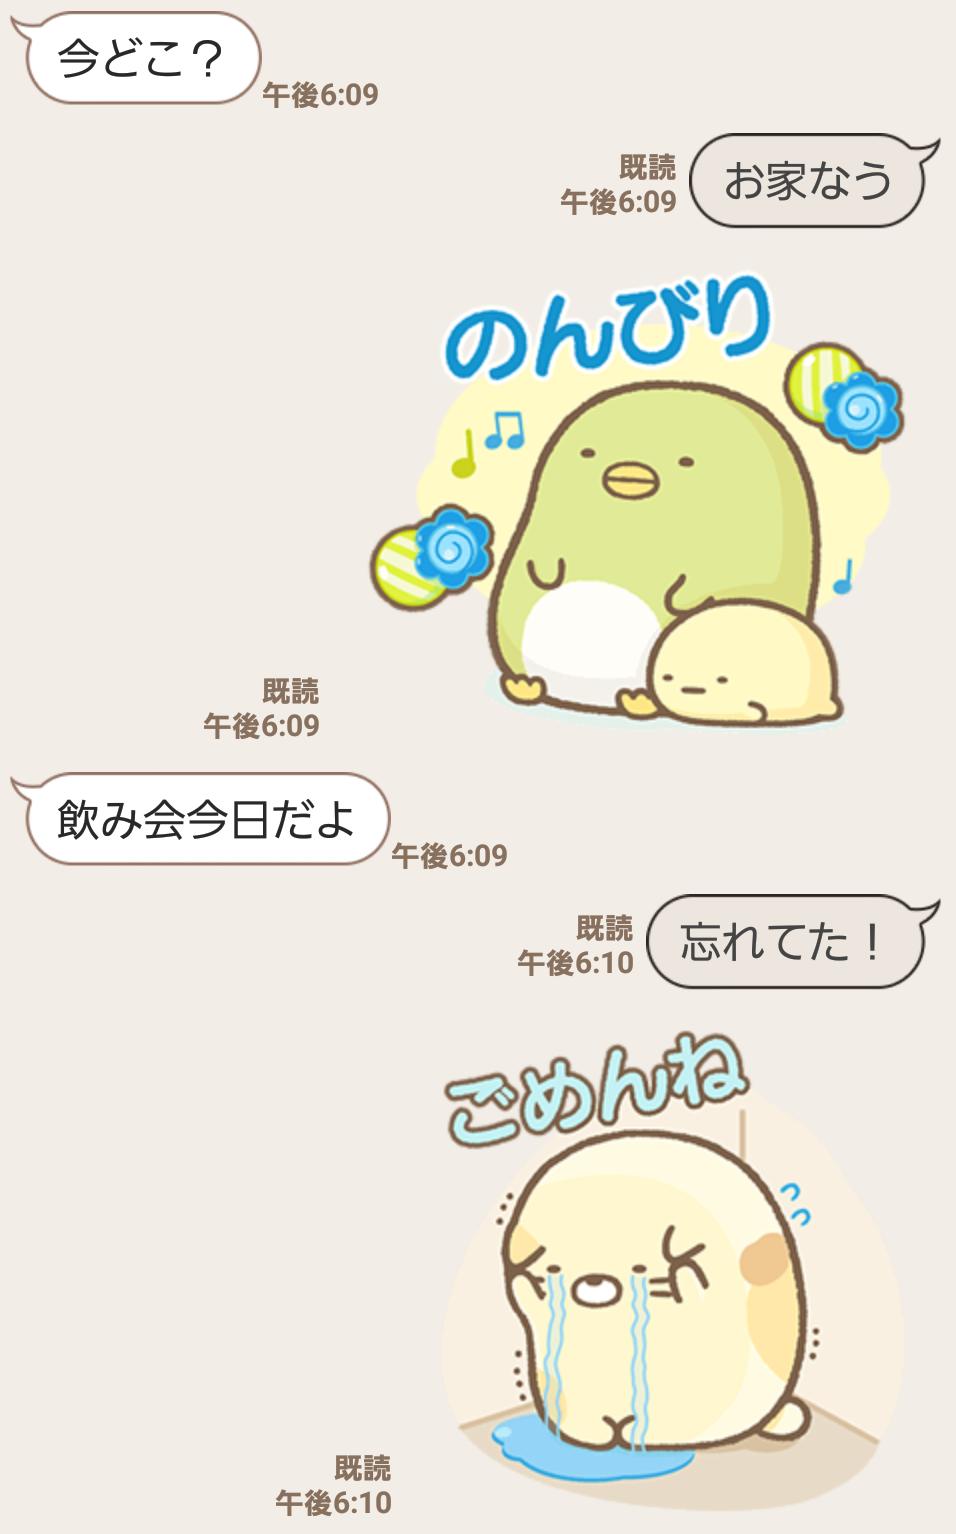 【隠し無料スタンプ】LINE POP2 x すみっコぐらし スタンプを実際 ...